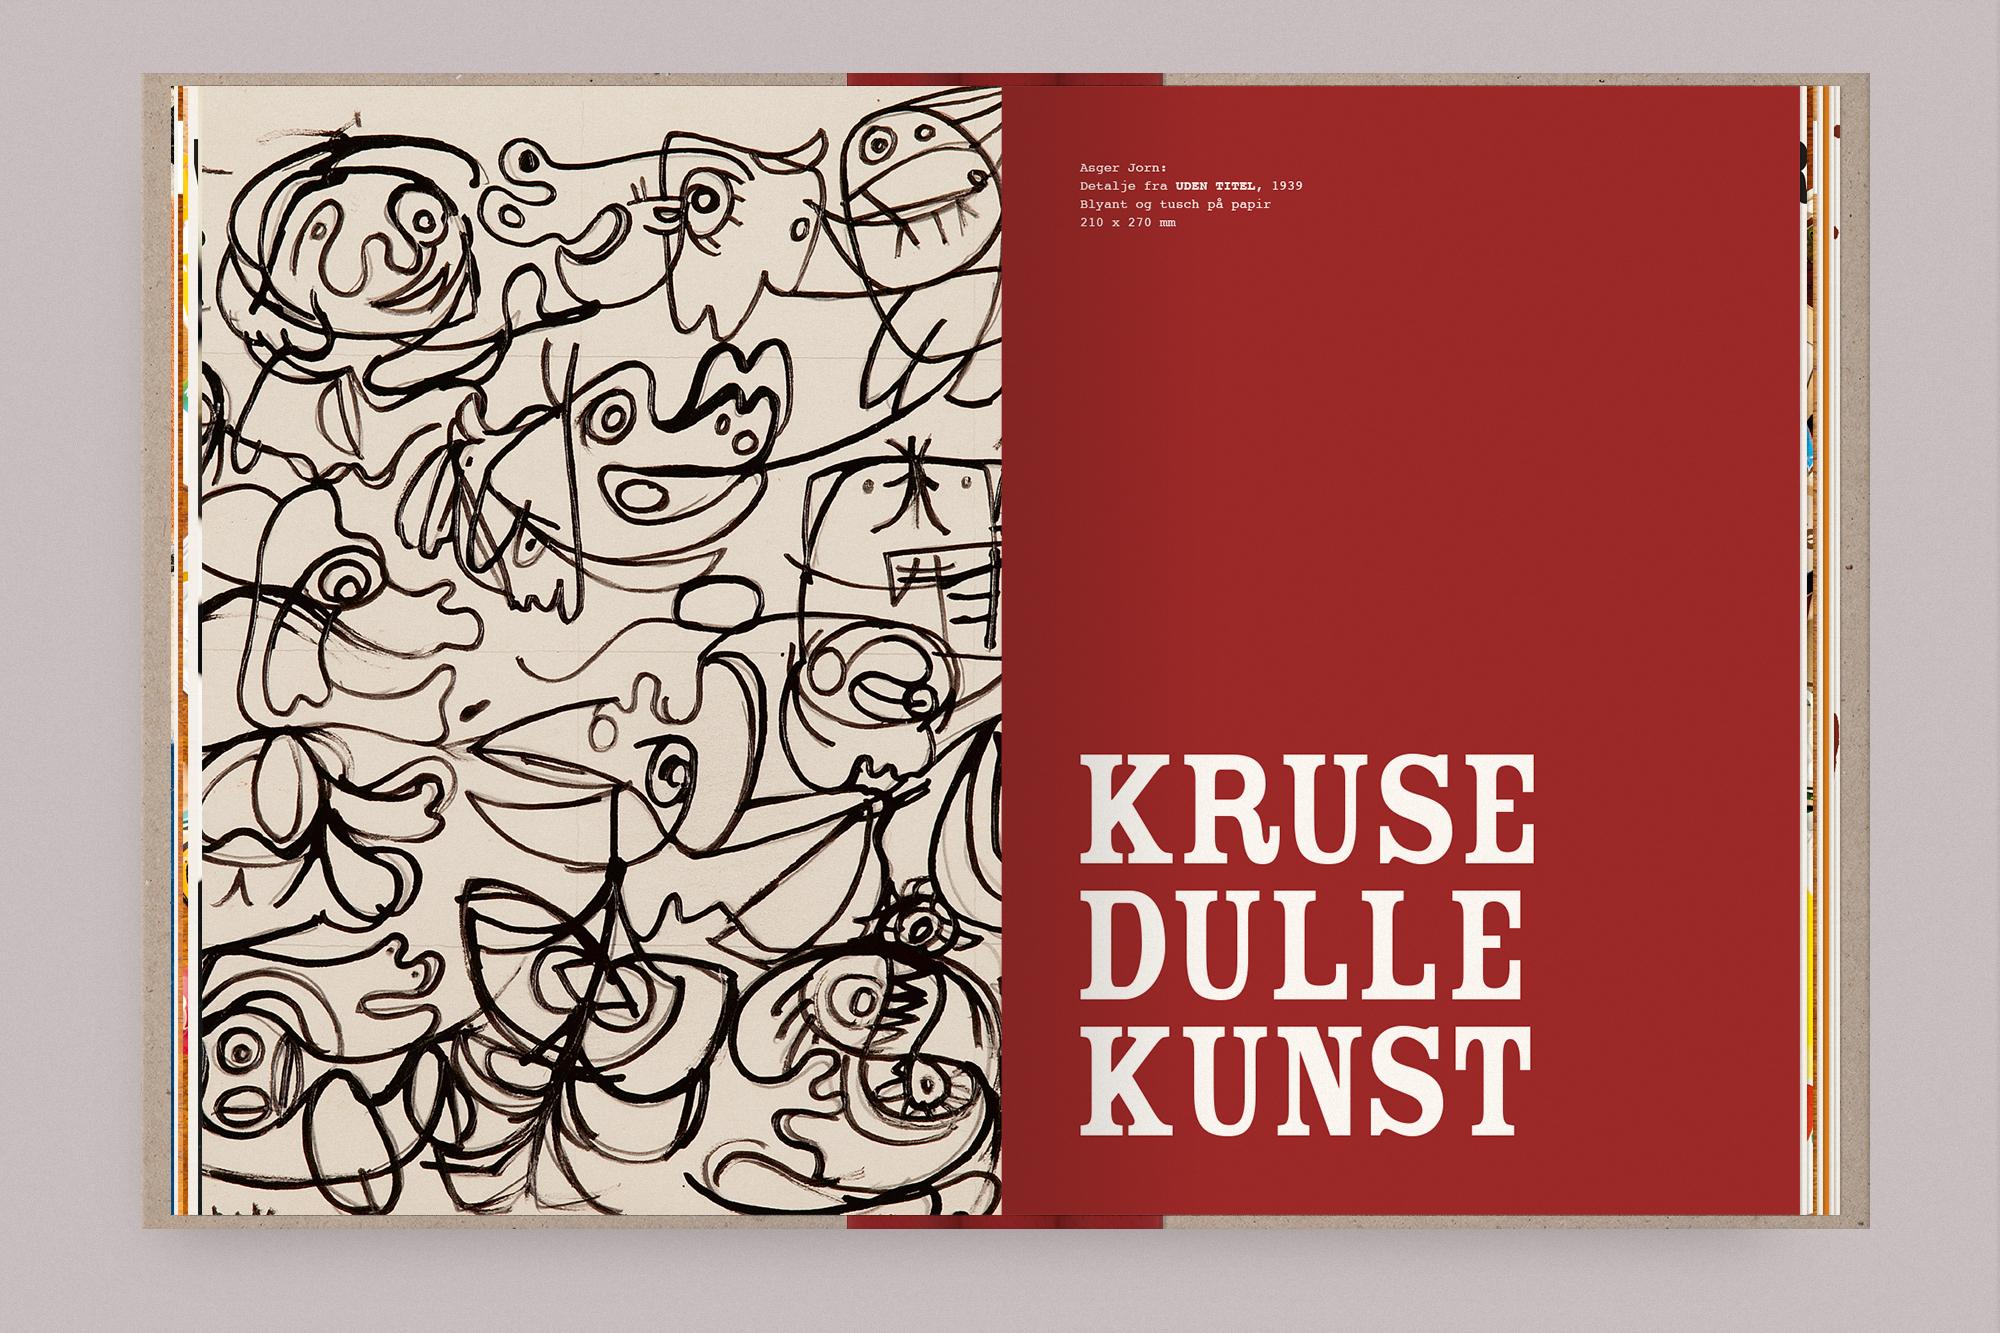 100-eksperimenter-asger-jorn-bogdesign-grafisk-museum-malene-hald-5